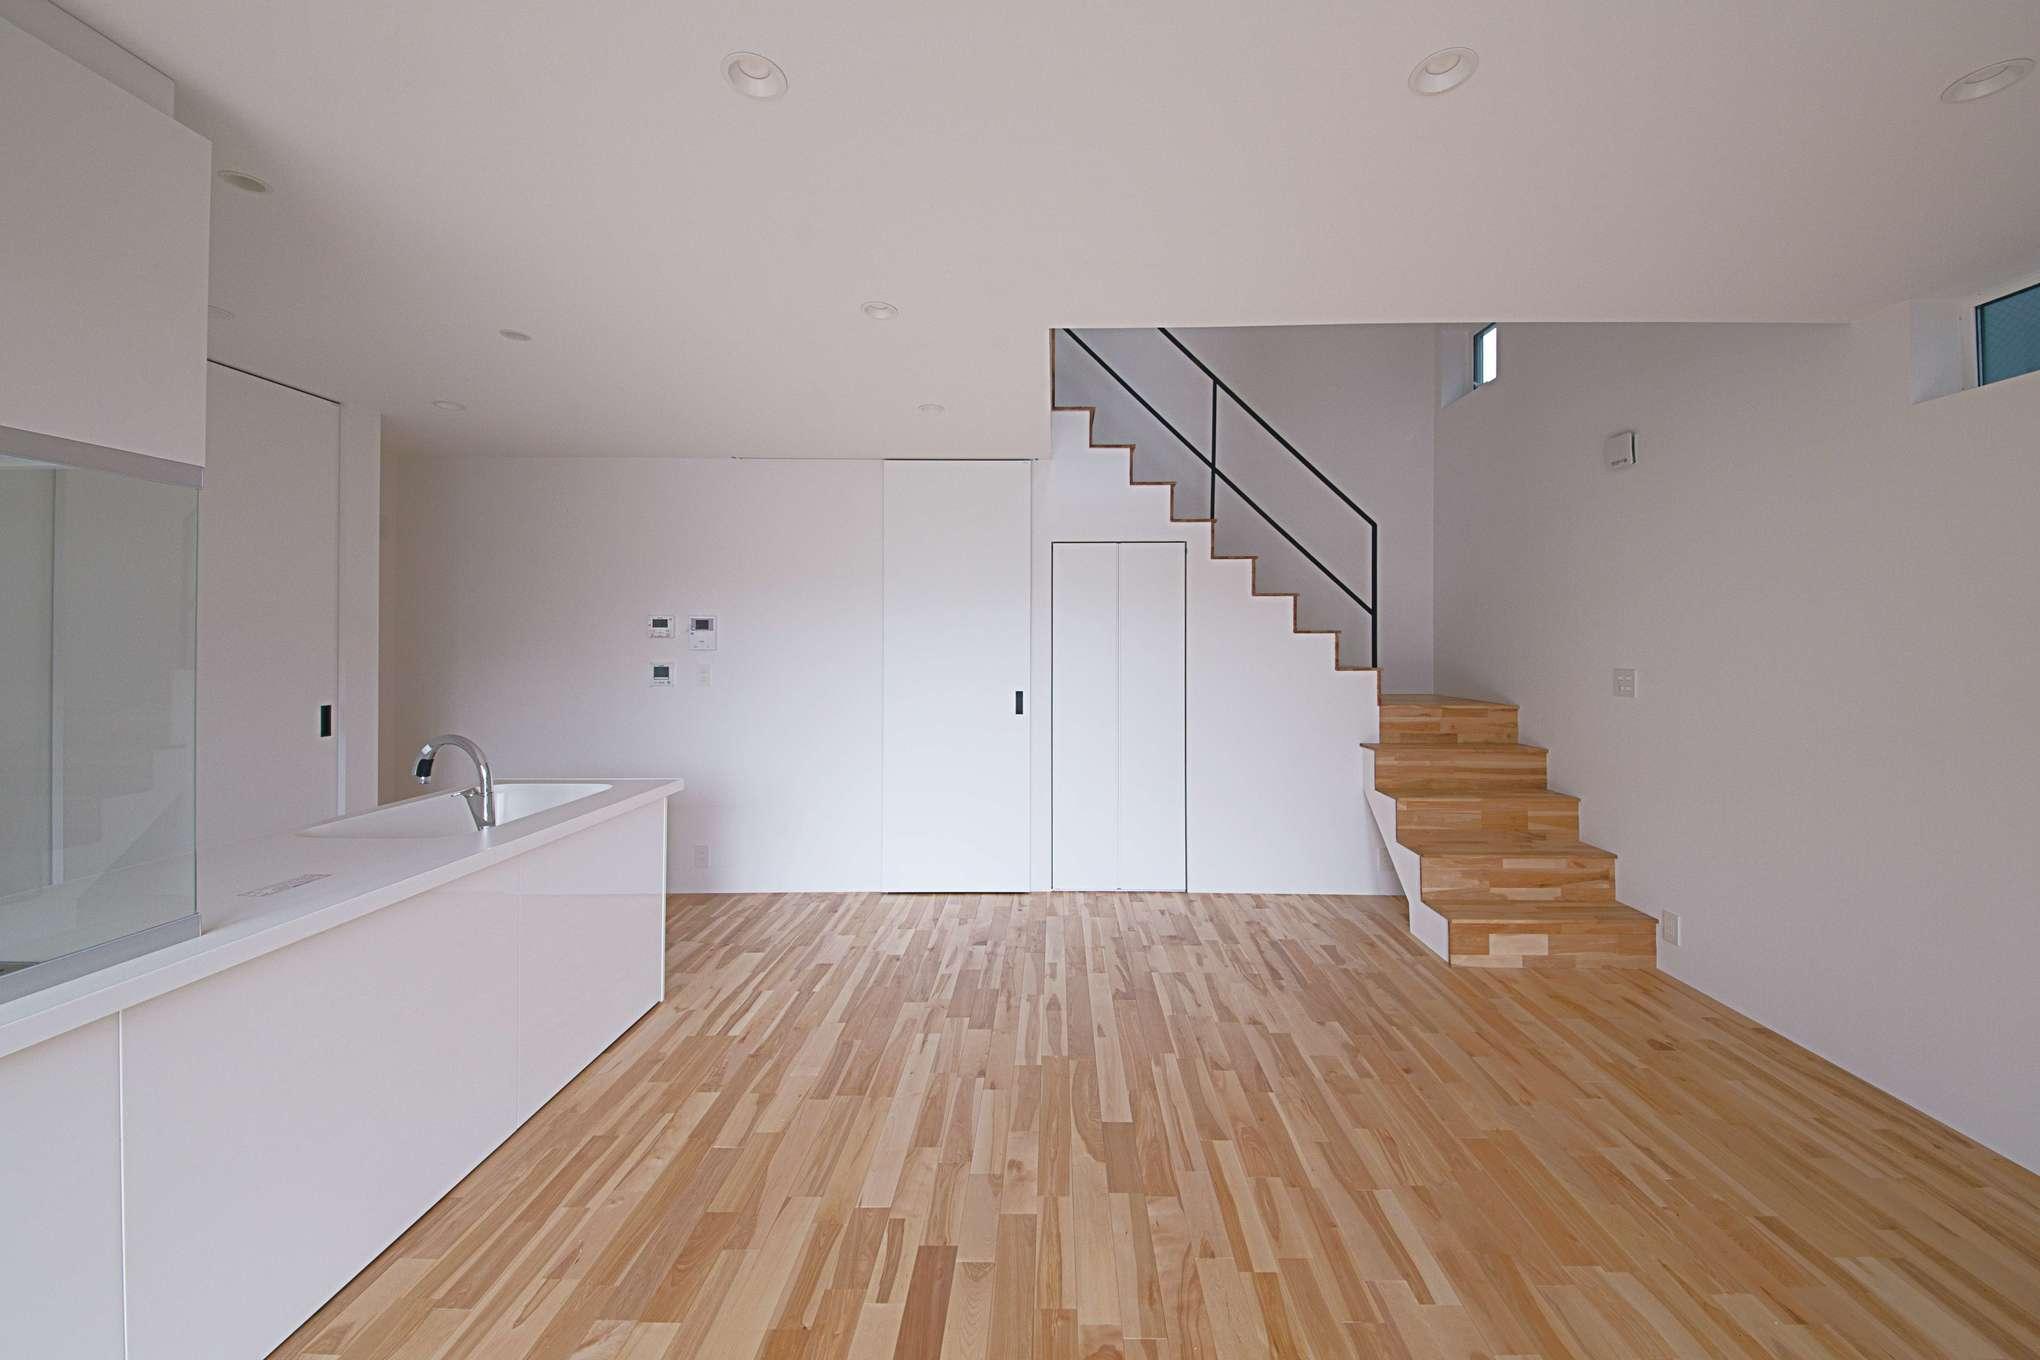 ご主人の要望で、室内には「床下エアコン」を採用。冬は暖気が階段の吹抜けを通じて2階に上がり、家中が暖まる